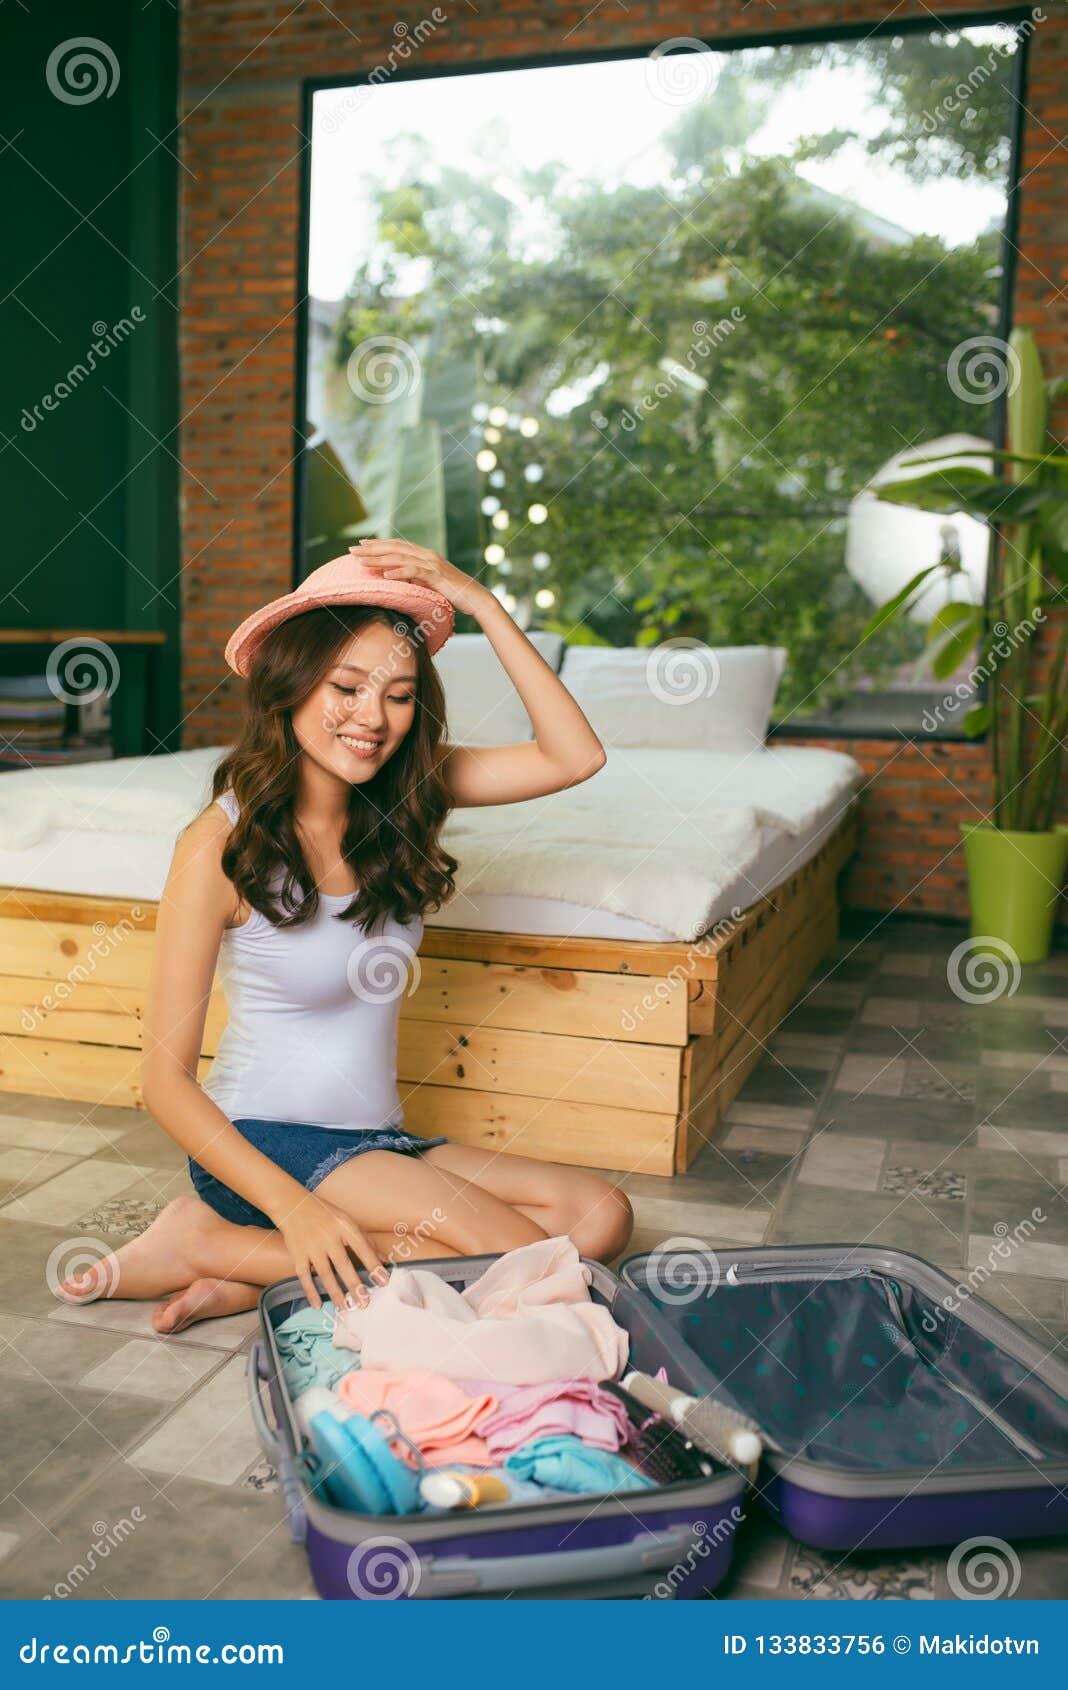 Reise- und Ferienkonzept, Glückfrauenverpackungsmaterial und a